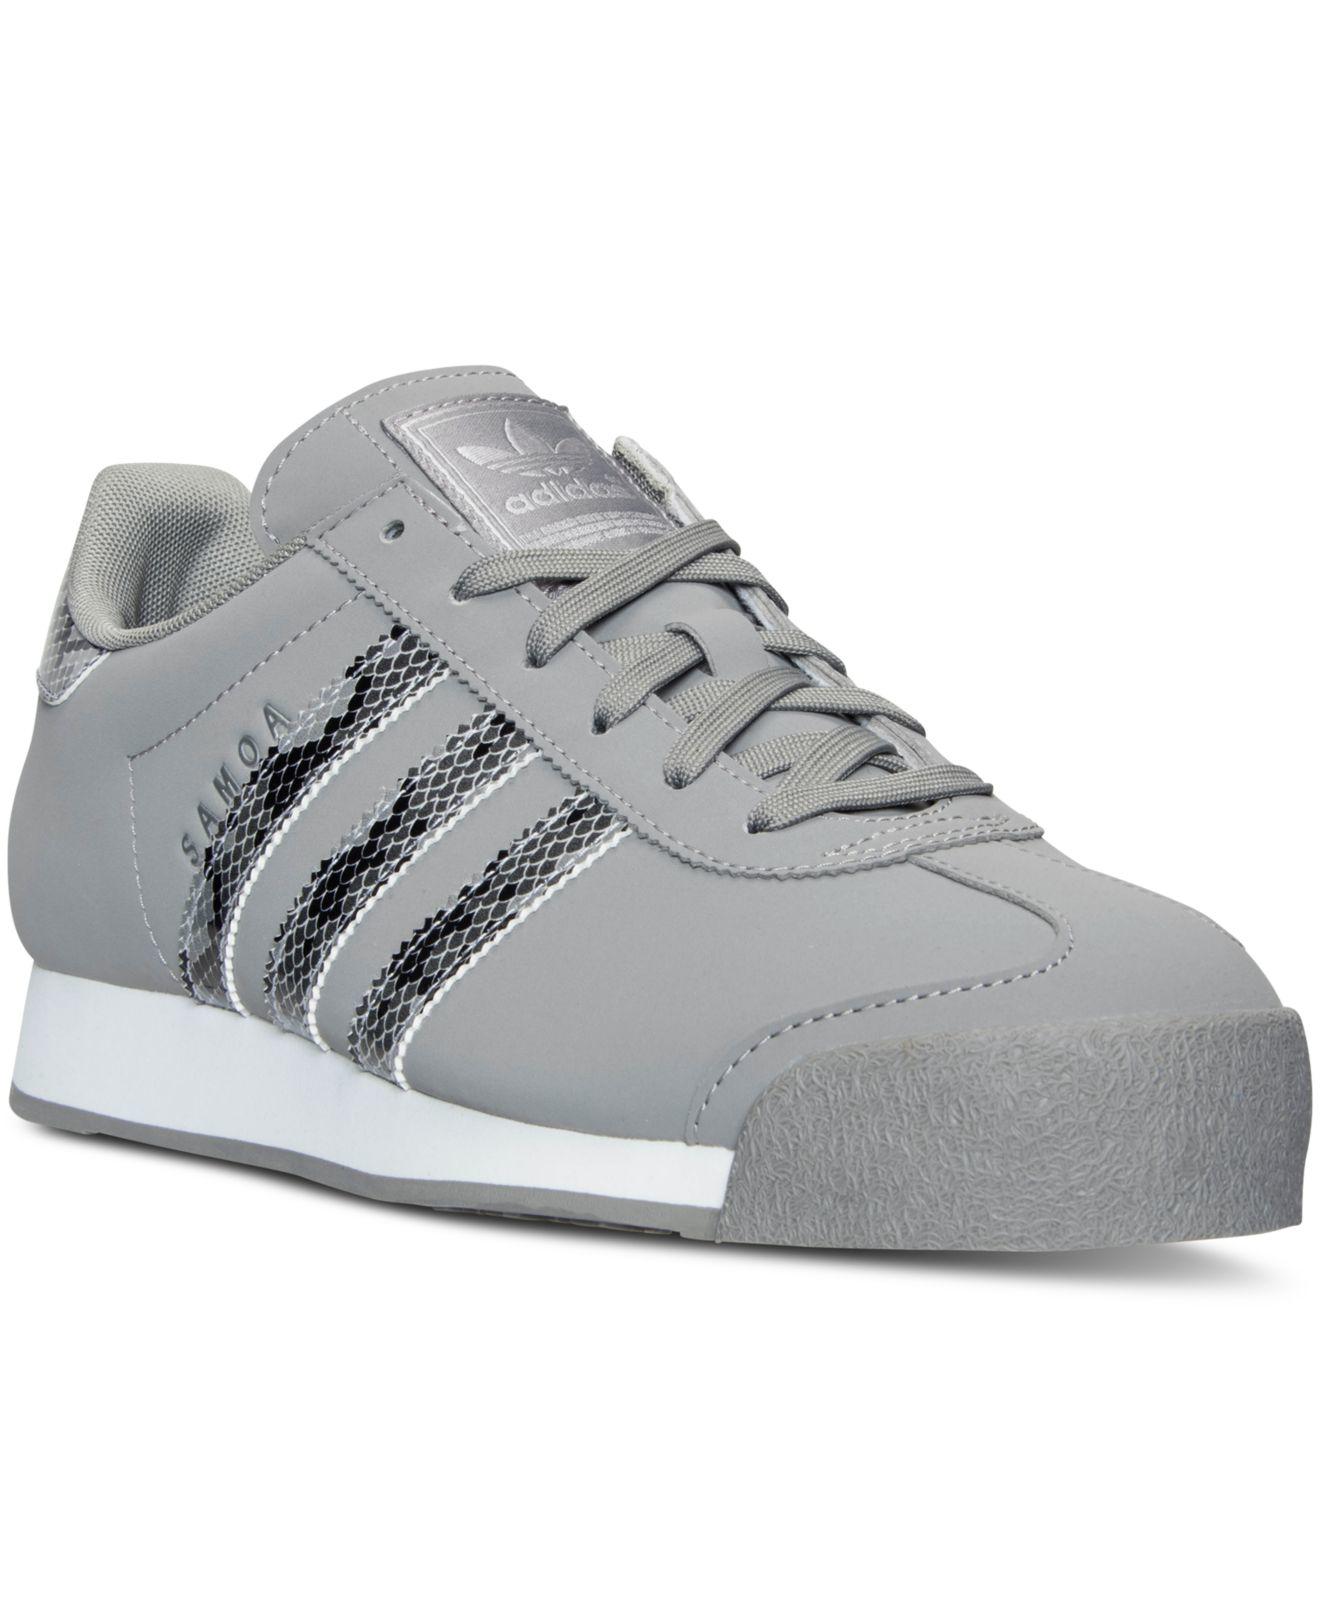 9cb46198e64ea4 Lyst - adidas Originals Men s Samoa Reptile Casual Sneakers From ...